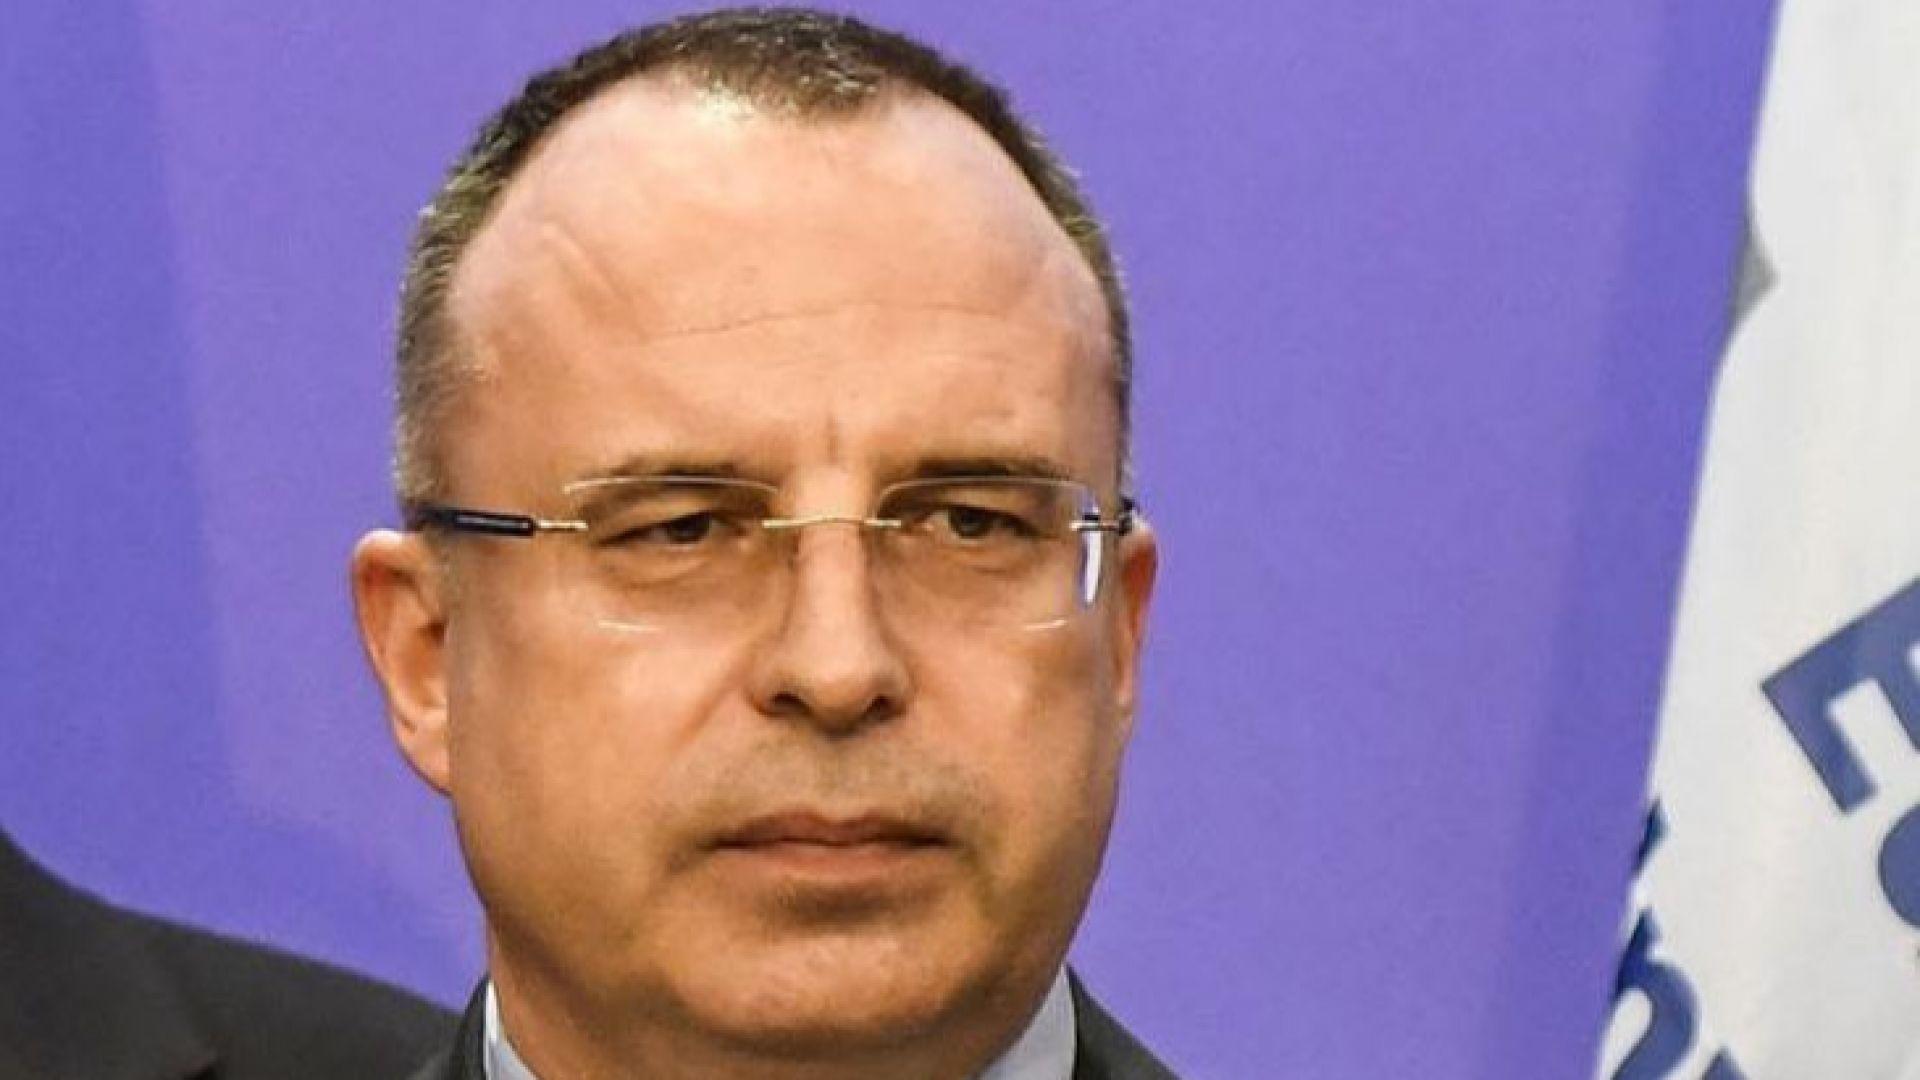 Министър Порожанов отговори на протестиращите: Не търпите загуби по наши изчисления